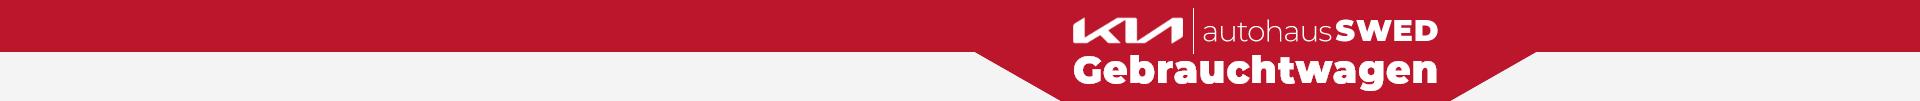 autohaus-swed-gebrauchtwagen-logo